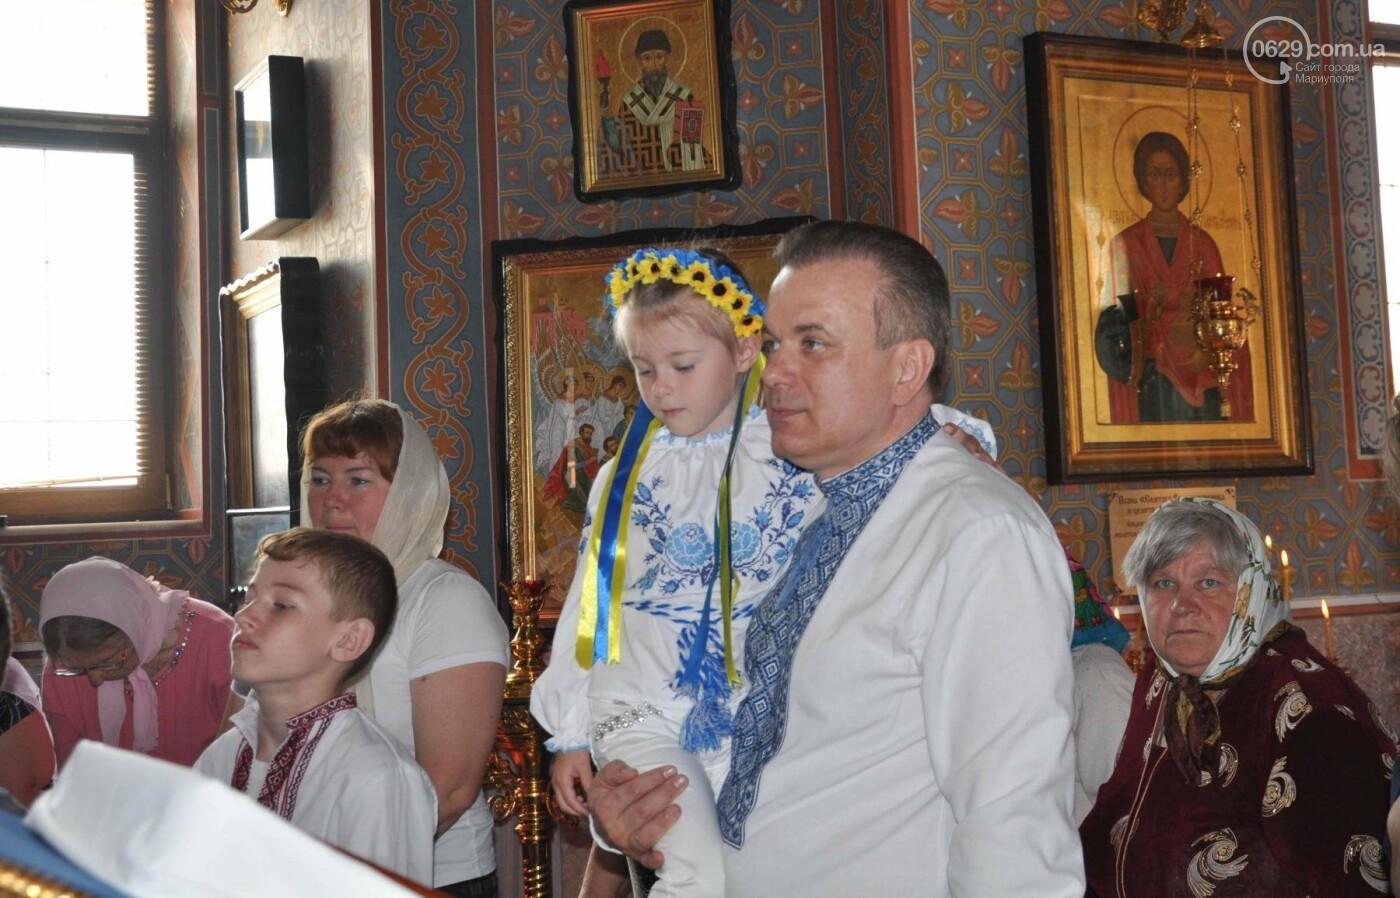 Праздник Вознесения и День вышиванки объединили прихожан в Свято-Покровском храме с.Боевое, фото-24